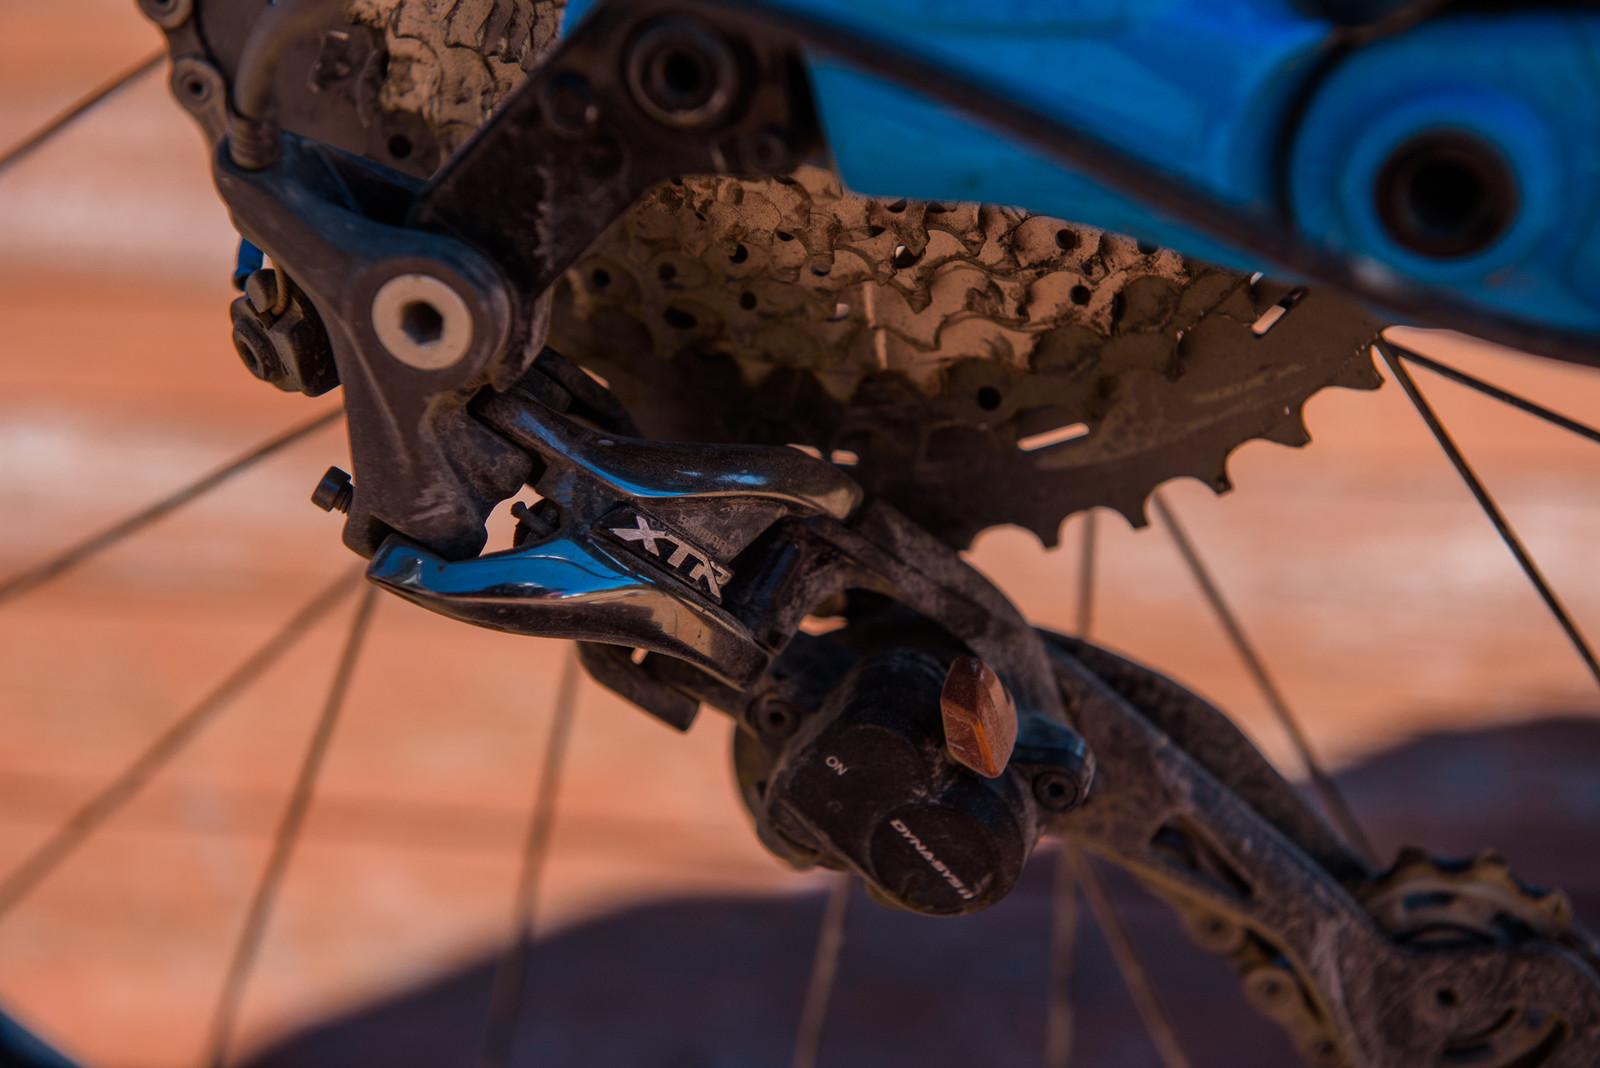 Shimano XTR Rear Derailleur - Pro Bike - Wyn Masters' GT Force, Size XL - Mountain Biking Pictures - Vital MTB